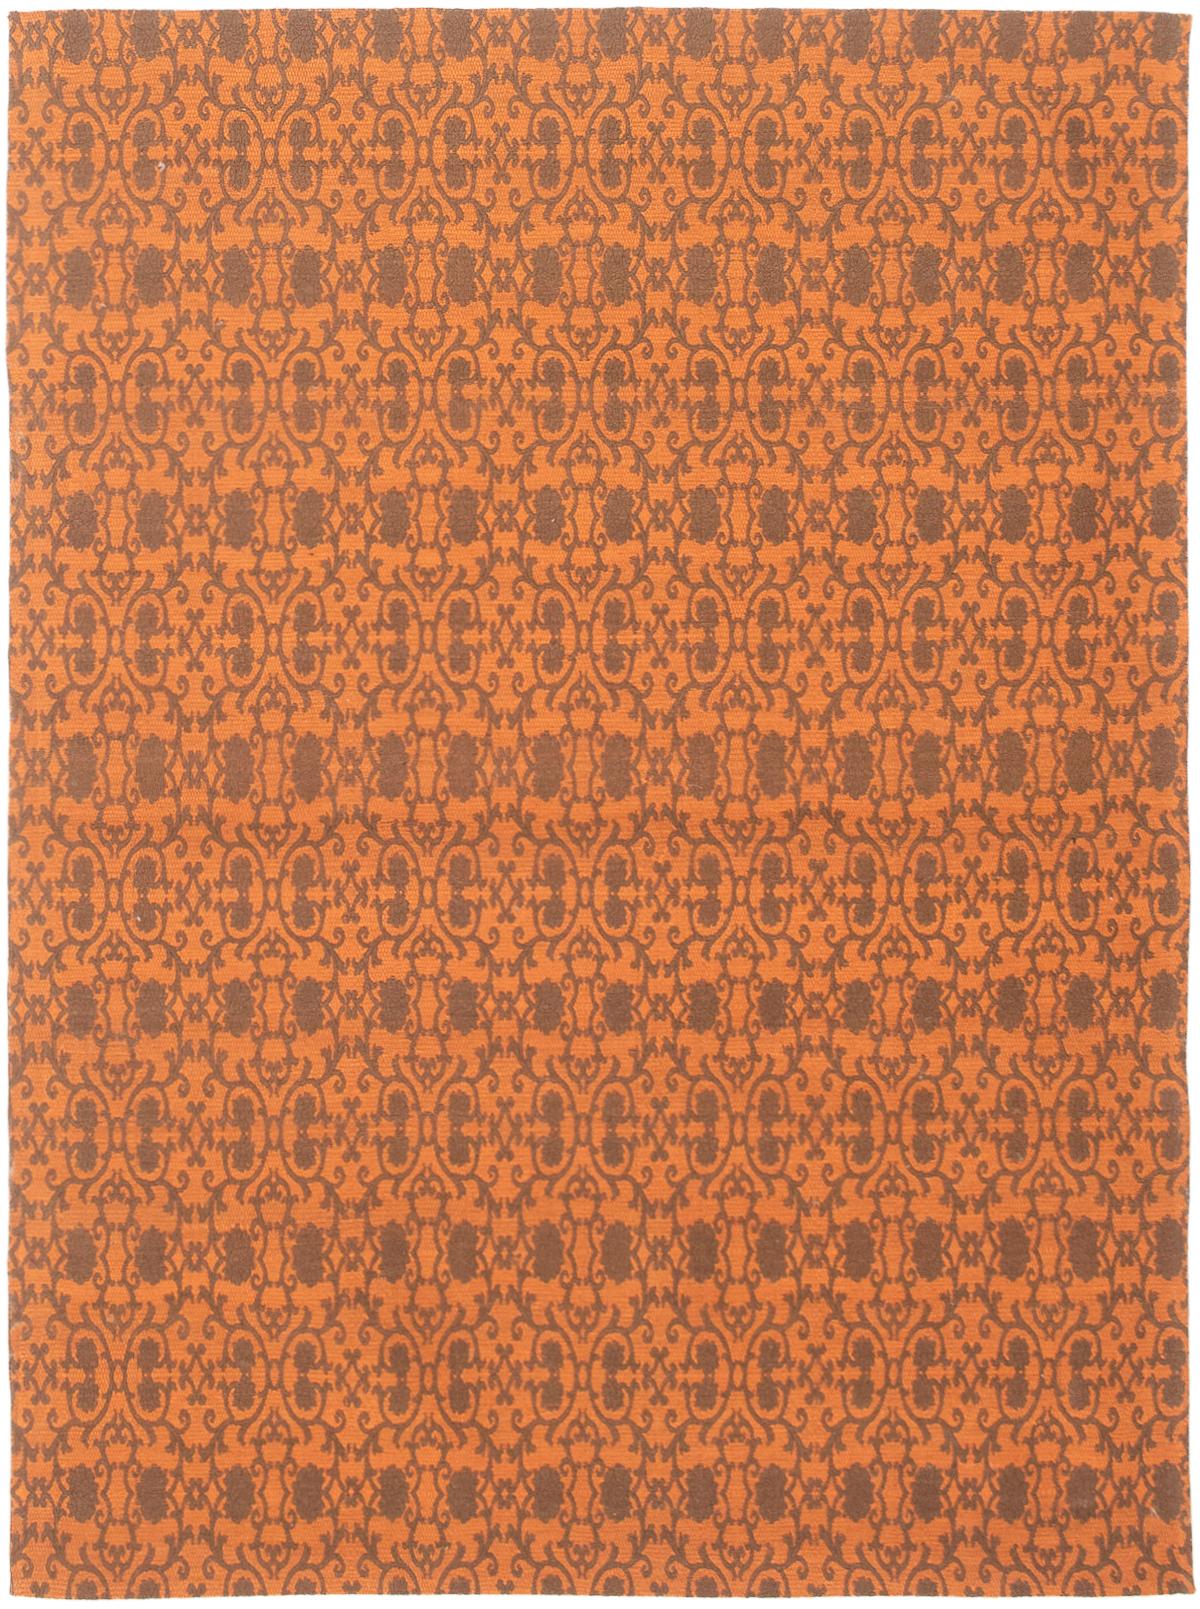 """Handmade Collage Burnt Orange, Dark Grey Chenille Rug 4'9"""" x 6'6"""" Size: 4'9"""" x 6'6"""""""